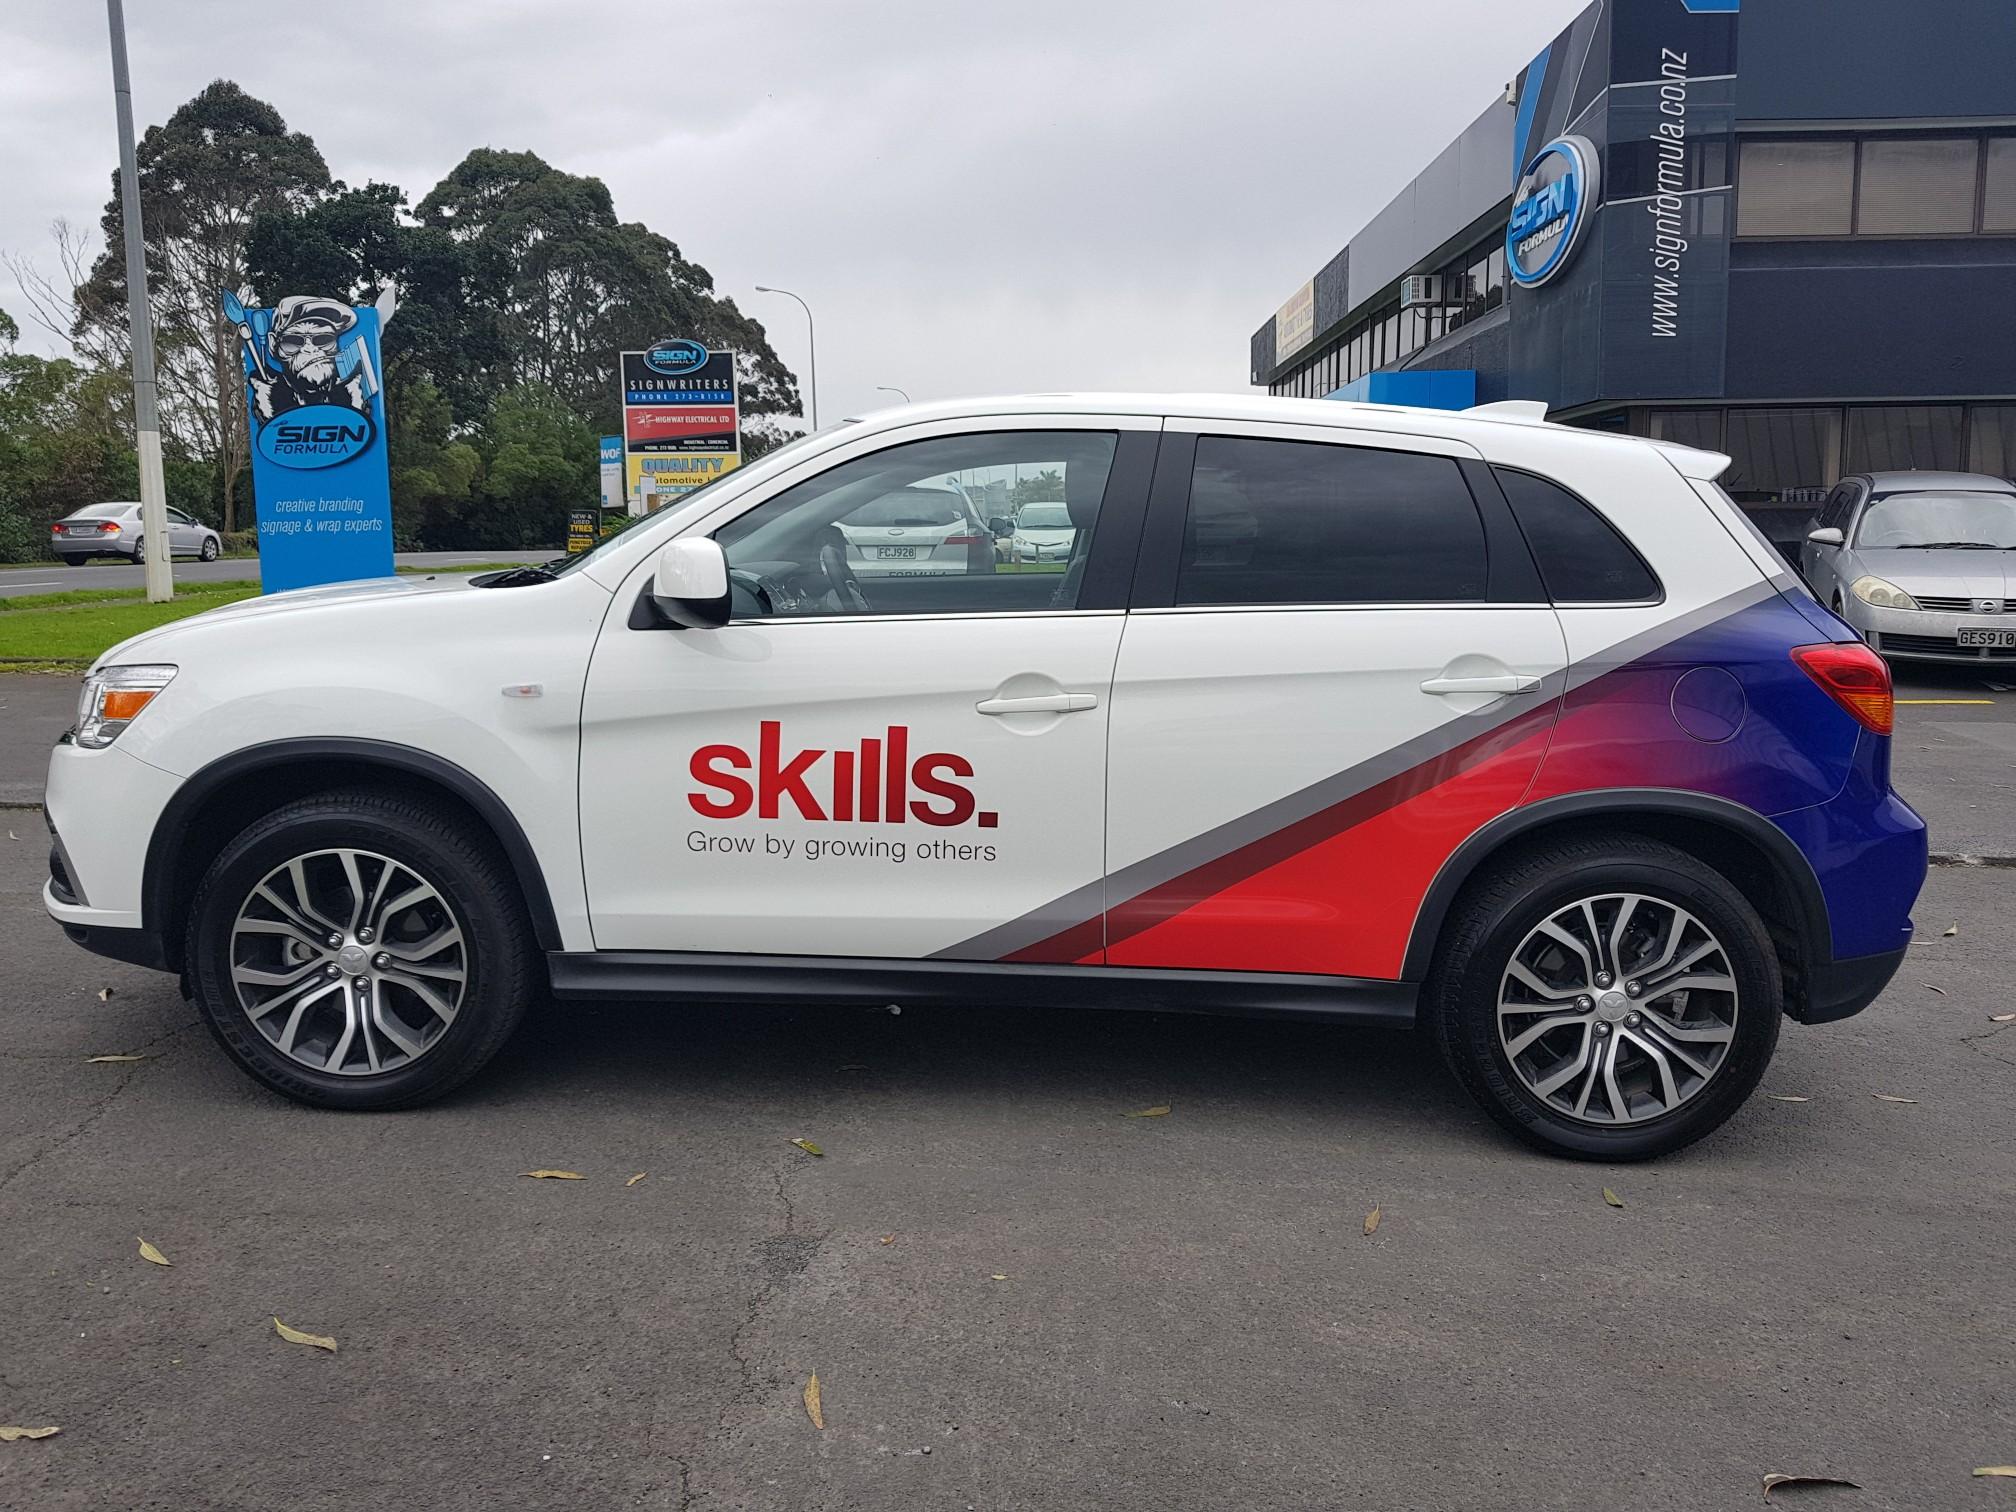 Skills car side